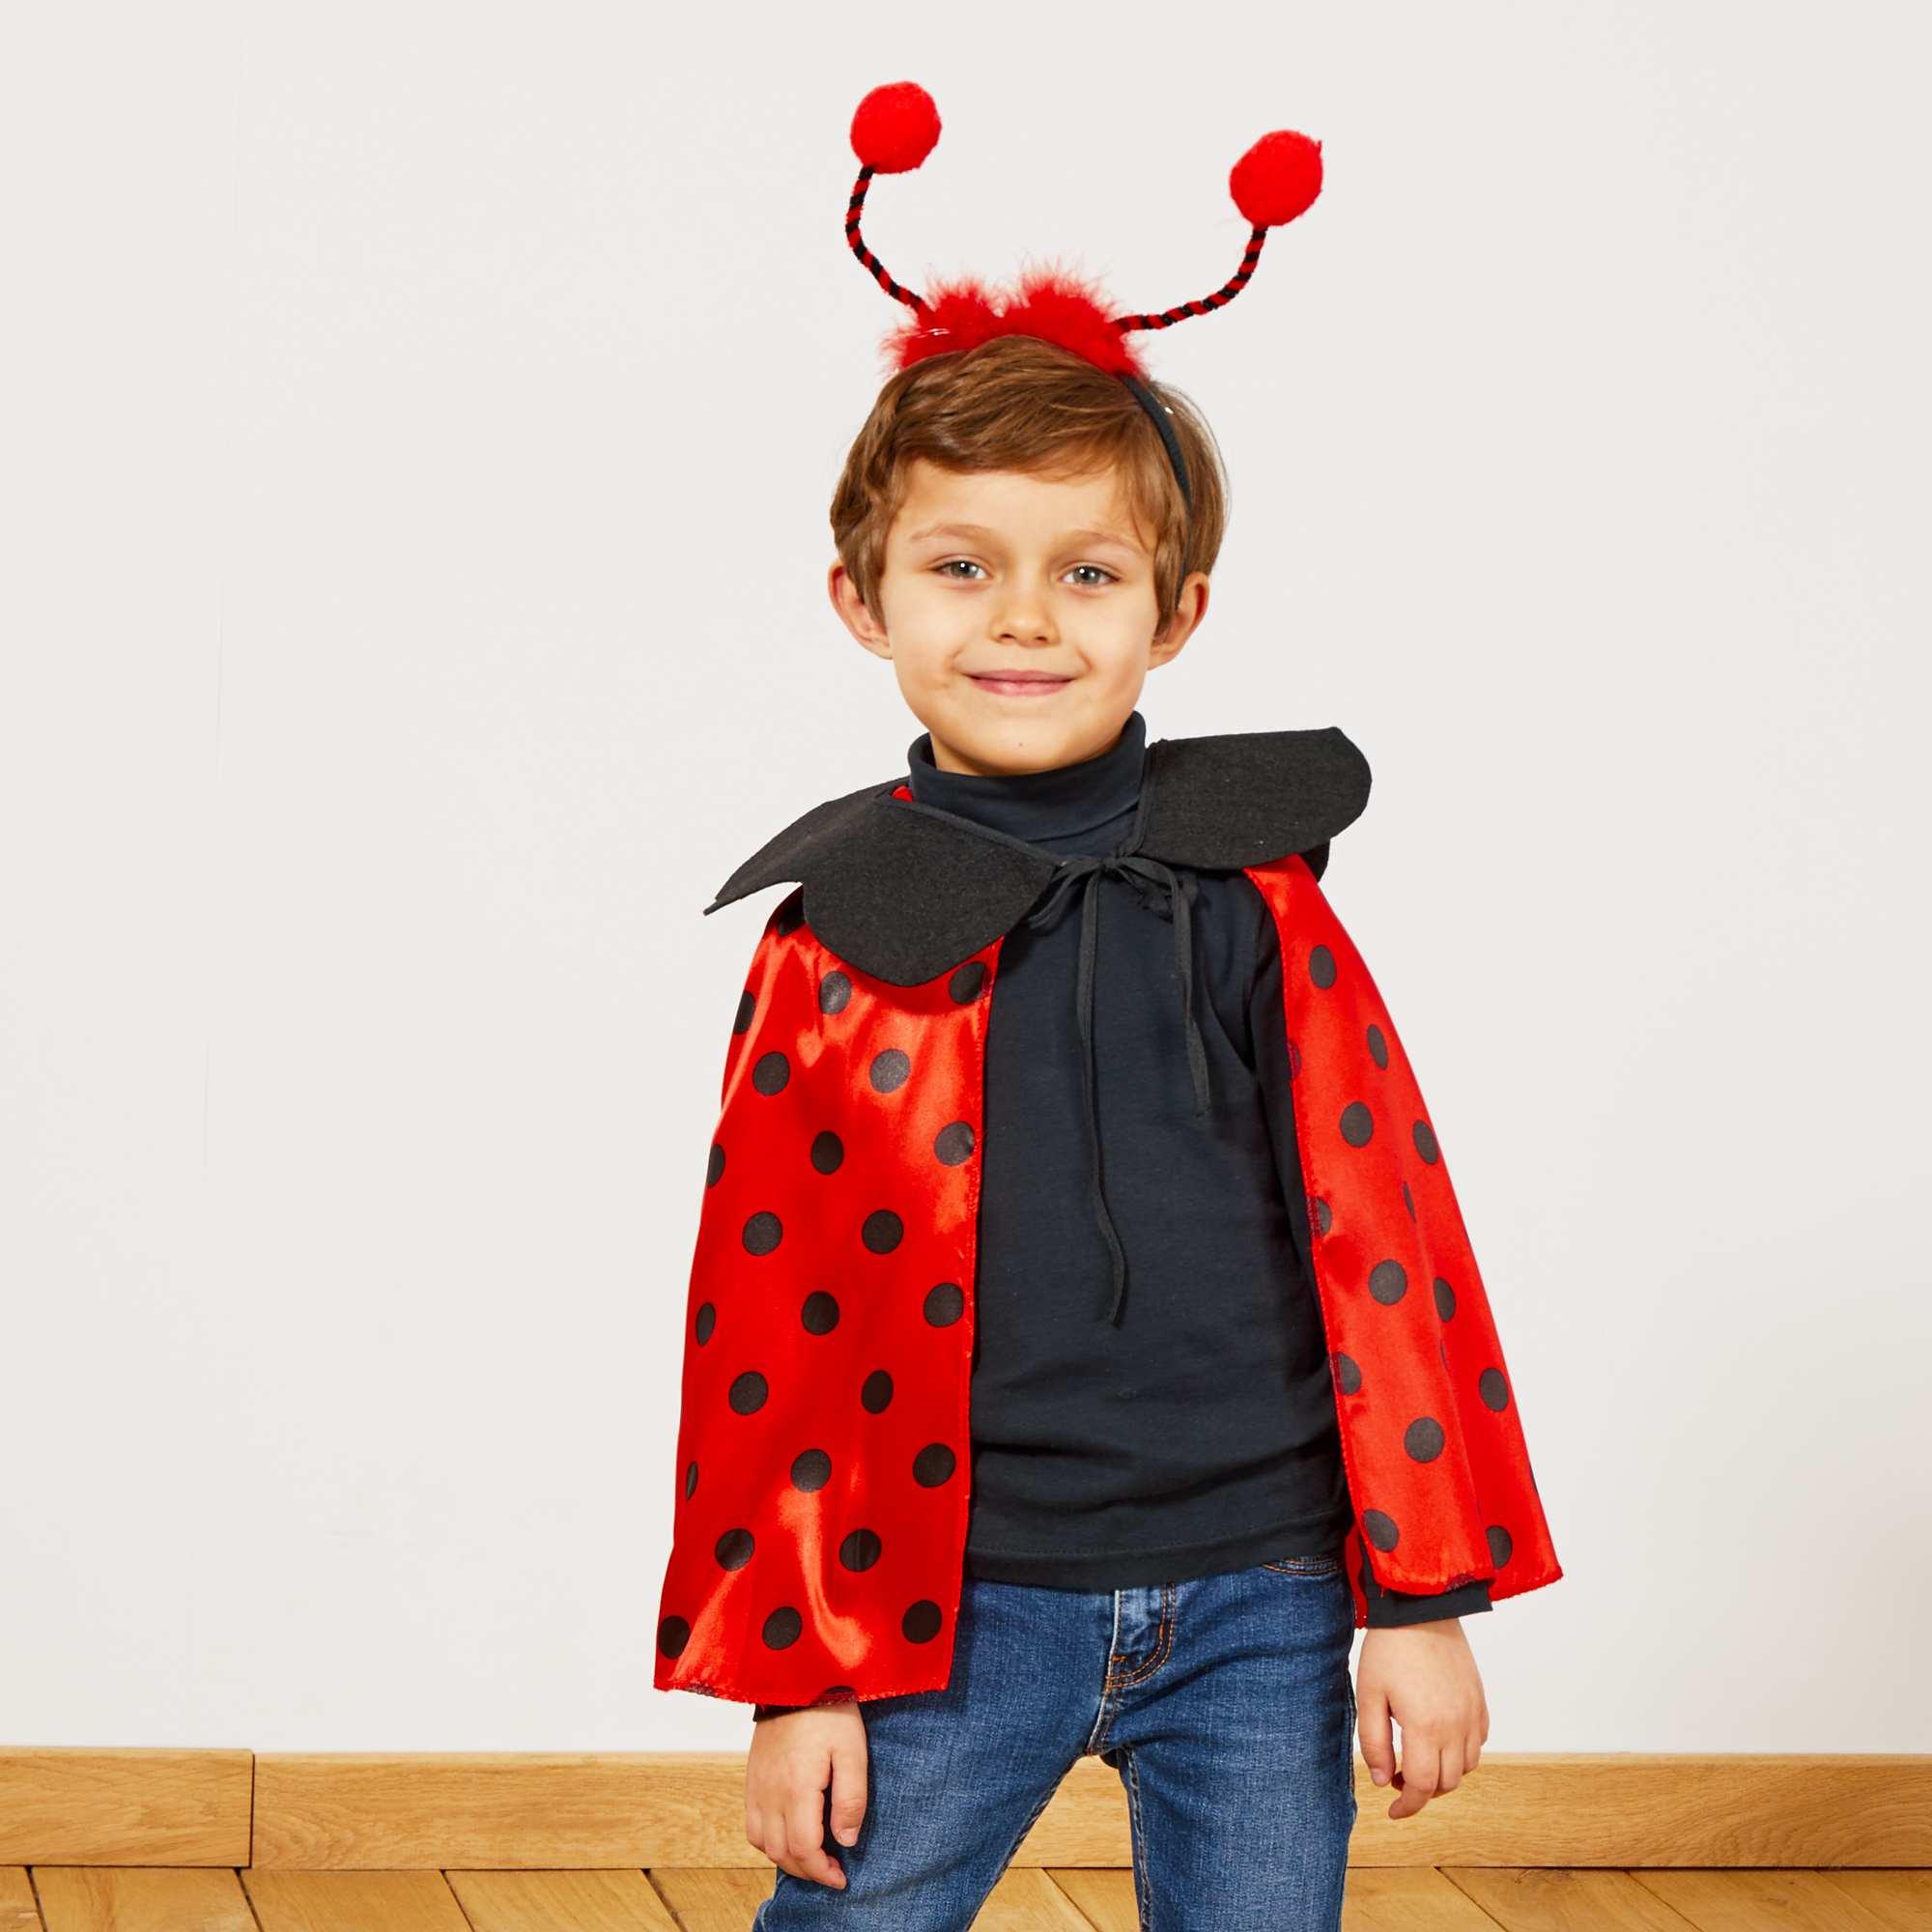 d guisement coccinelle enfant rouge noir kiabi 9 00. Black Bedroom Furniture Sets. Home Design Ideas